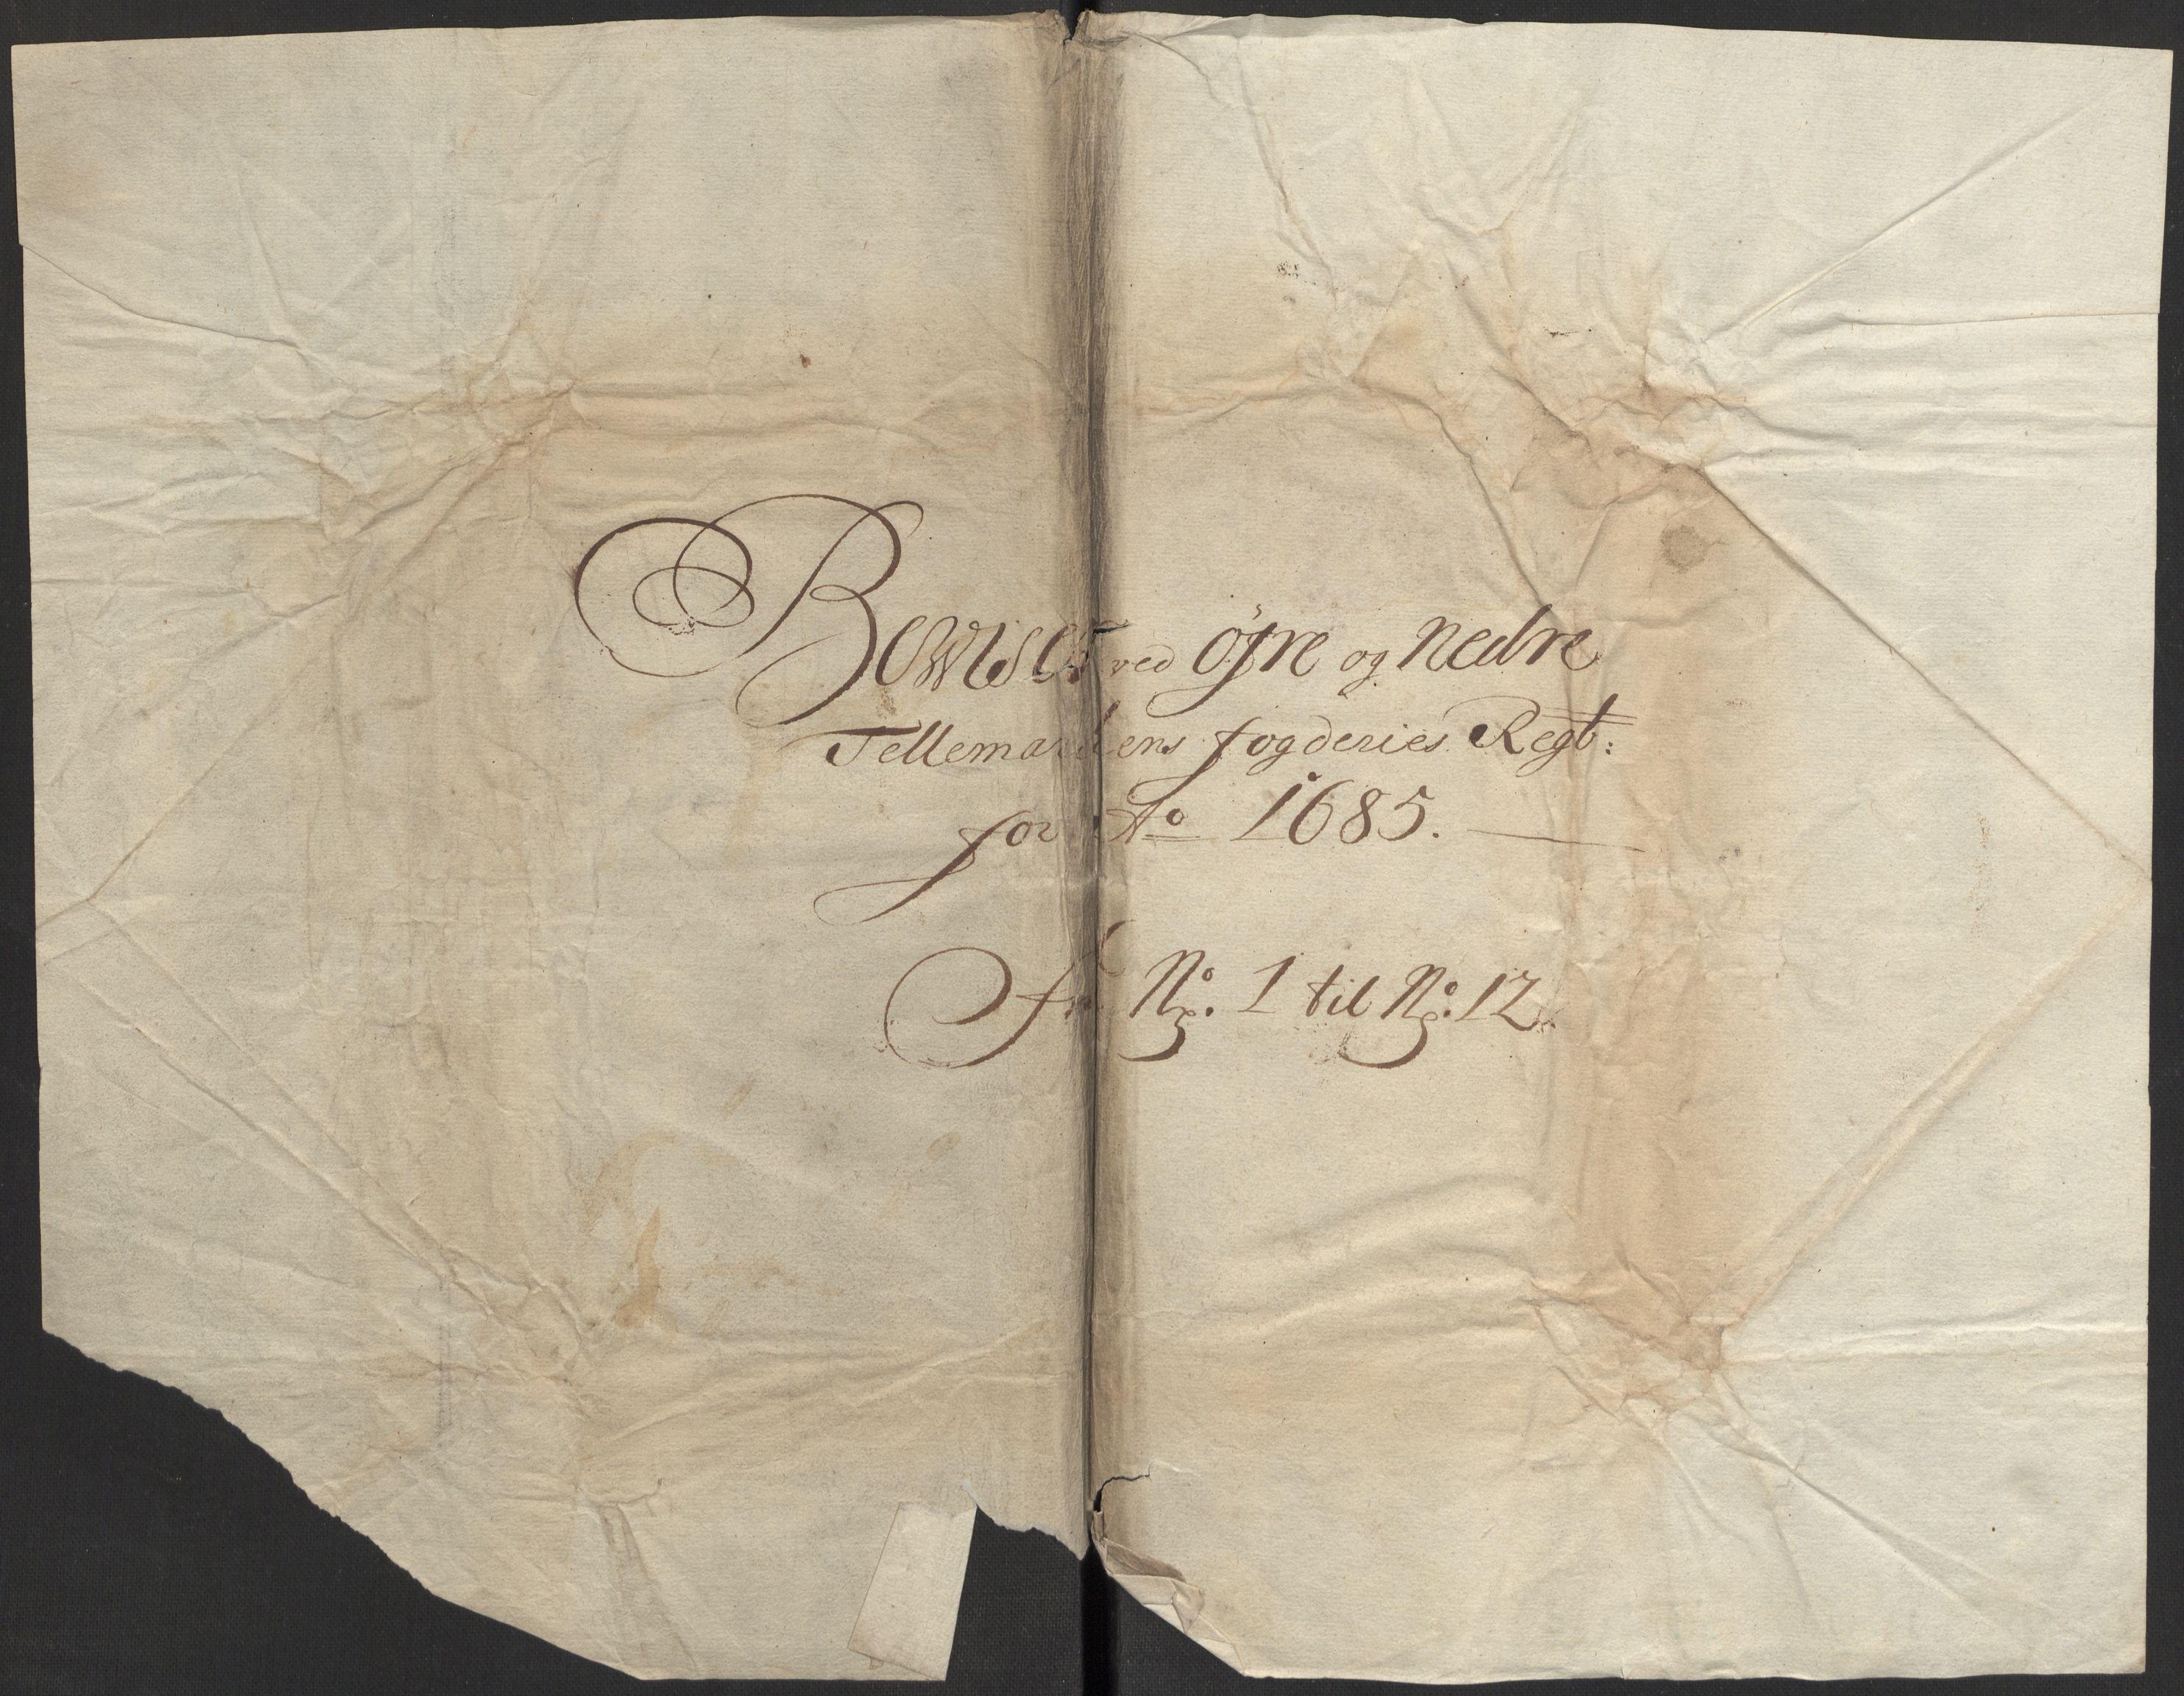 RA, Rentekammeret inntil 1814, Reviderte regnskaper, Fogderegnskap, R35/L2082: Fogderegnskap Øvre og Nedre Telemark, 1685, s. 389